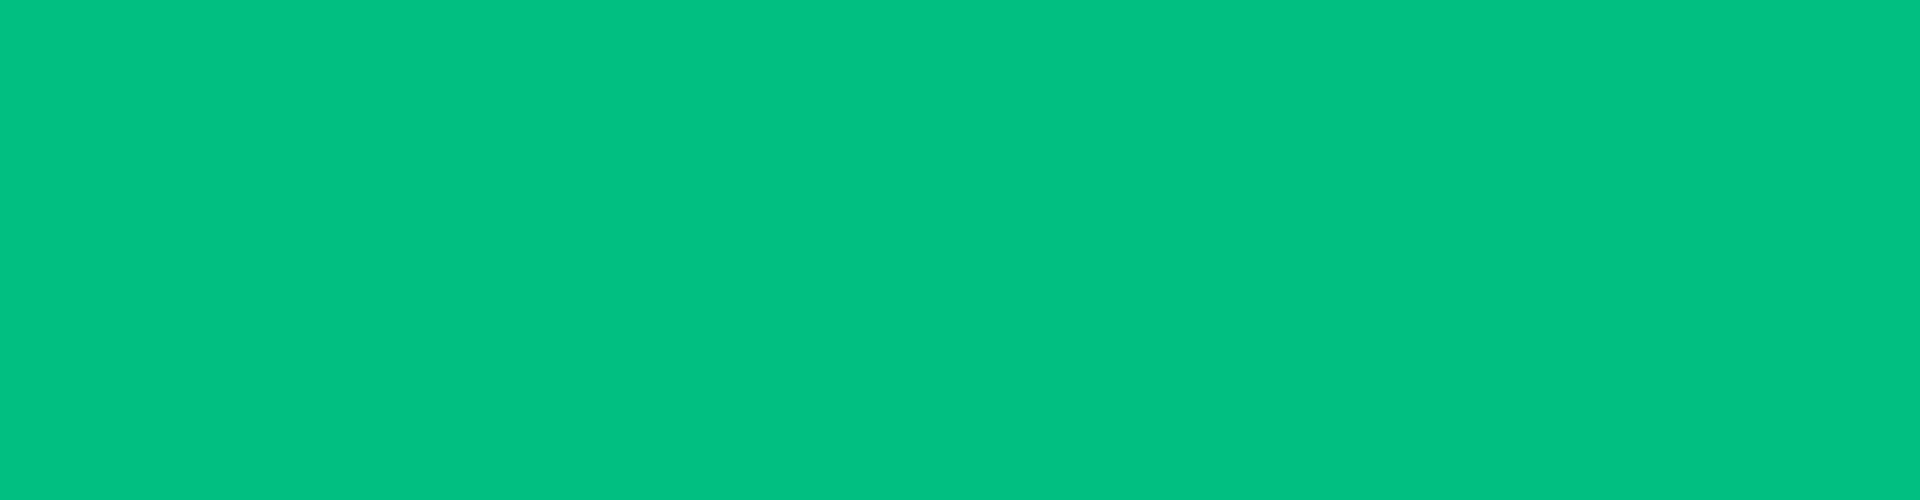 gruener Hintergrund